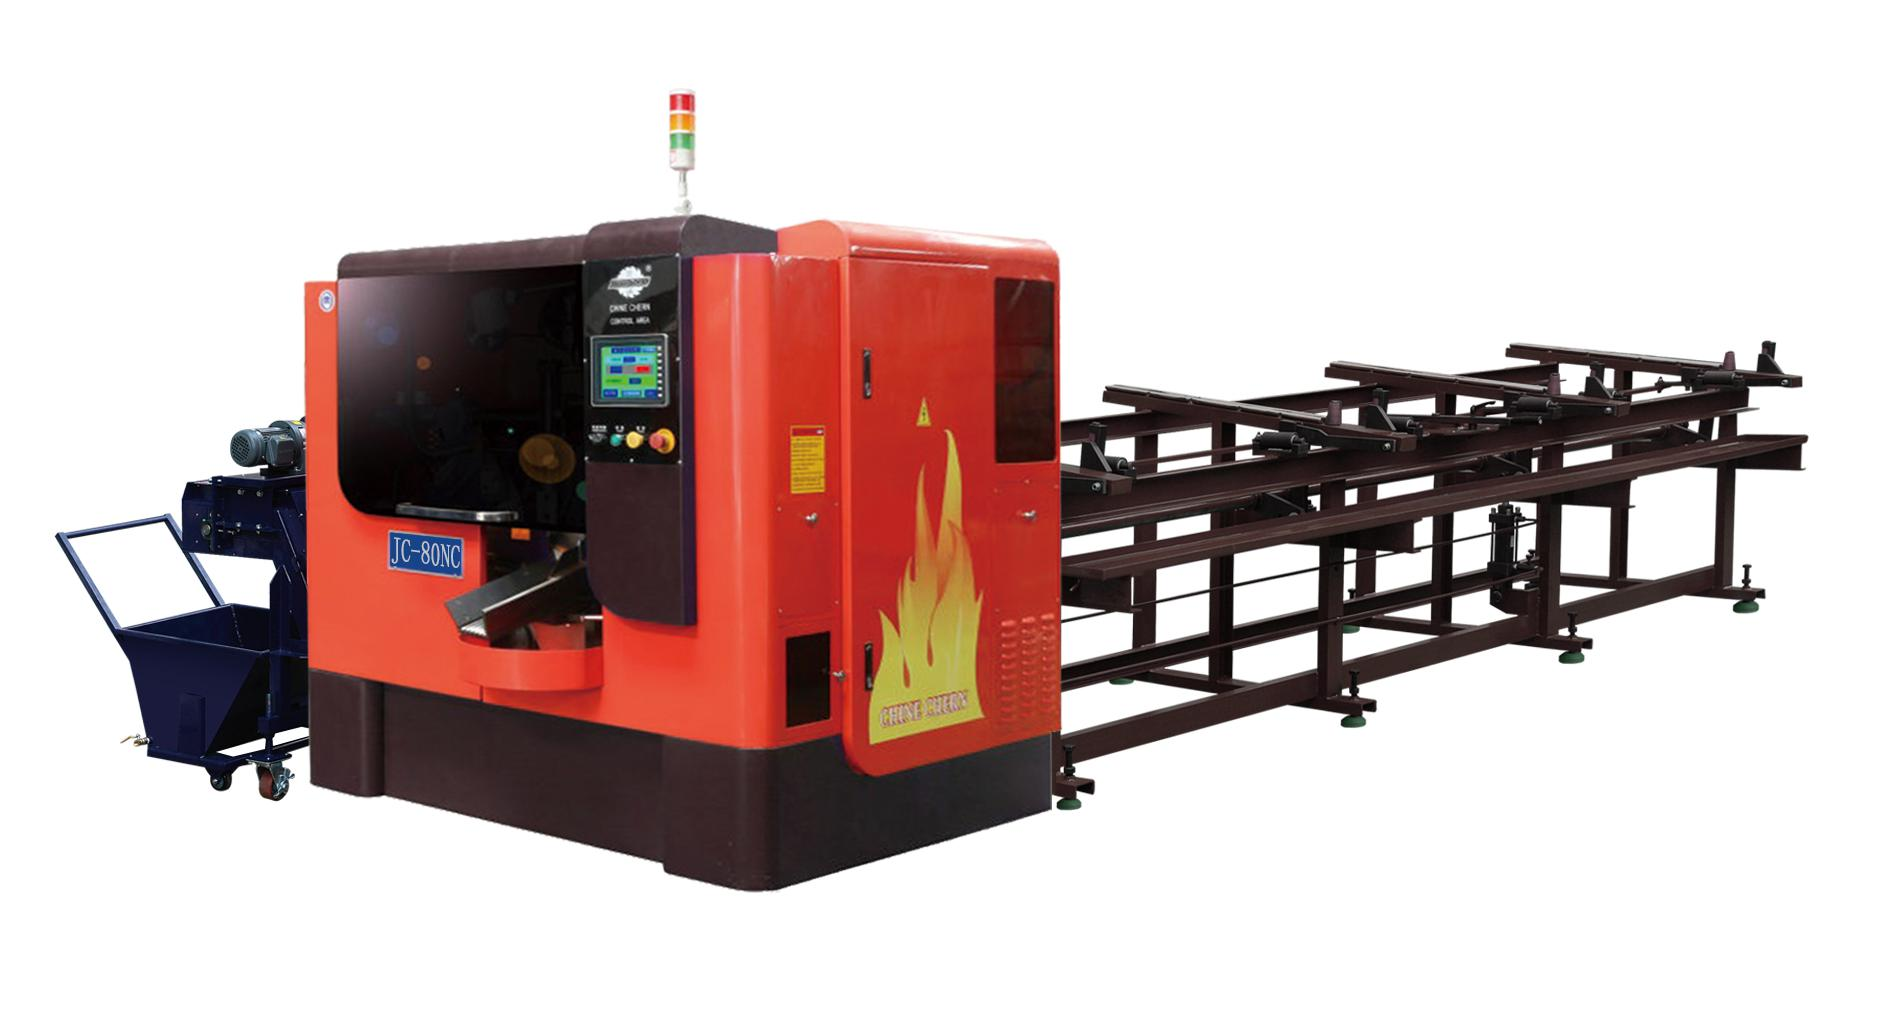 全自动数控开料机五金切割机超硬质金属材料高速精密圆锯机